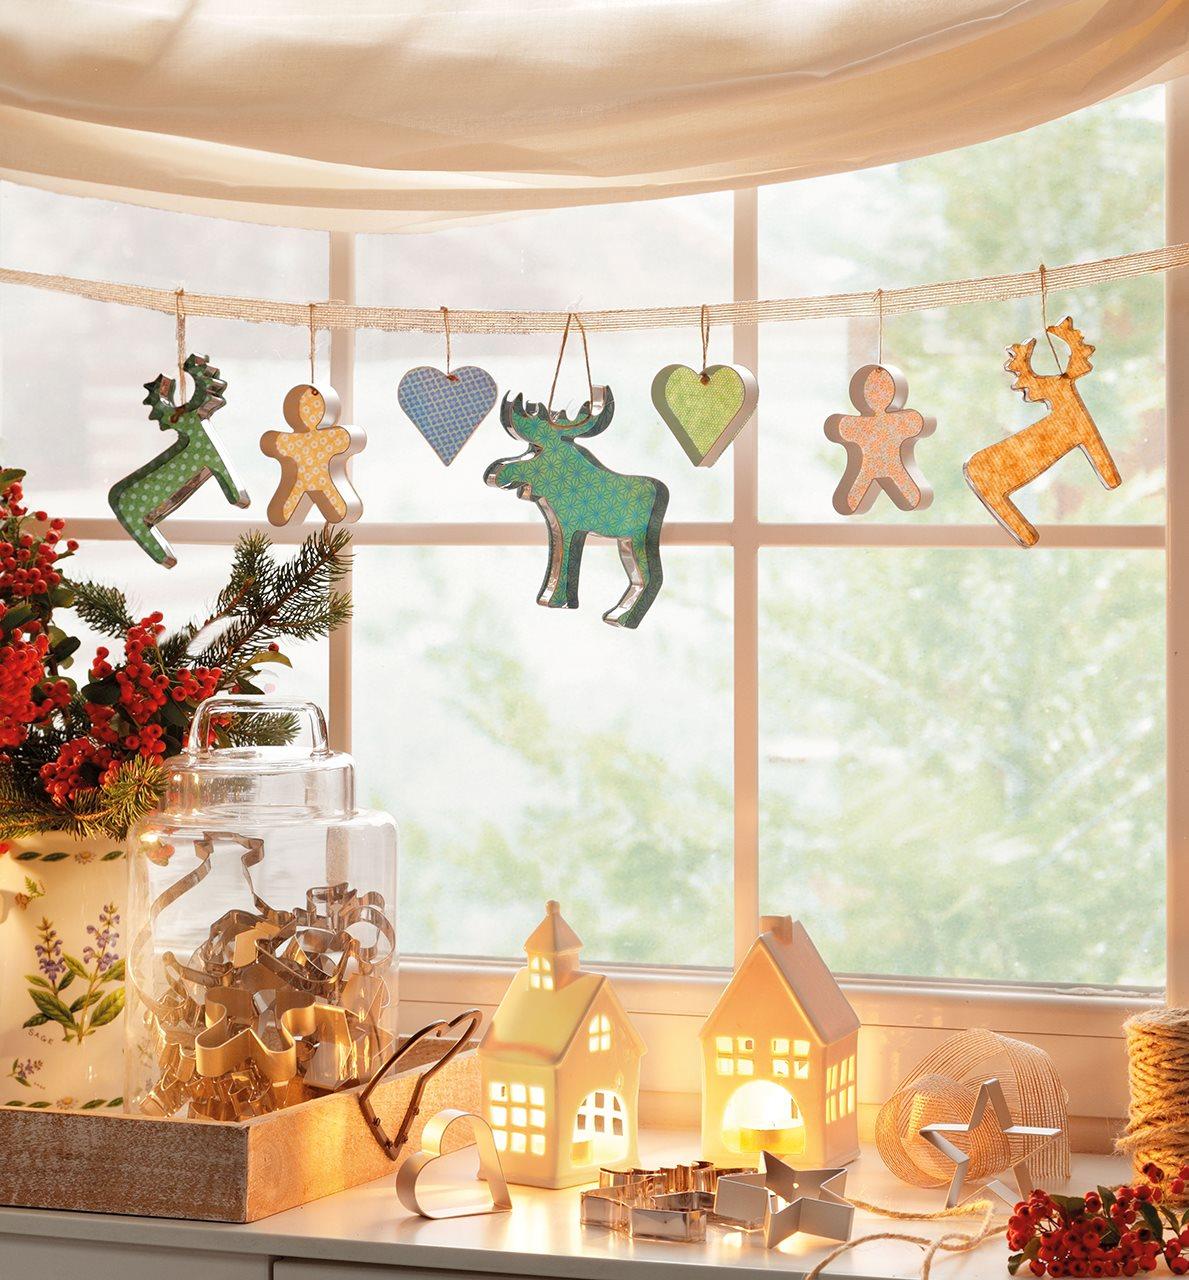 15 ideas para decorar la casa esta navidad - Adornar la casa en navidad ...